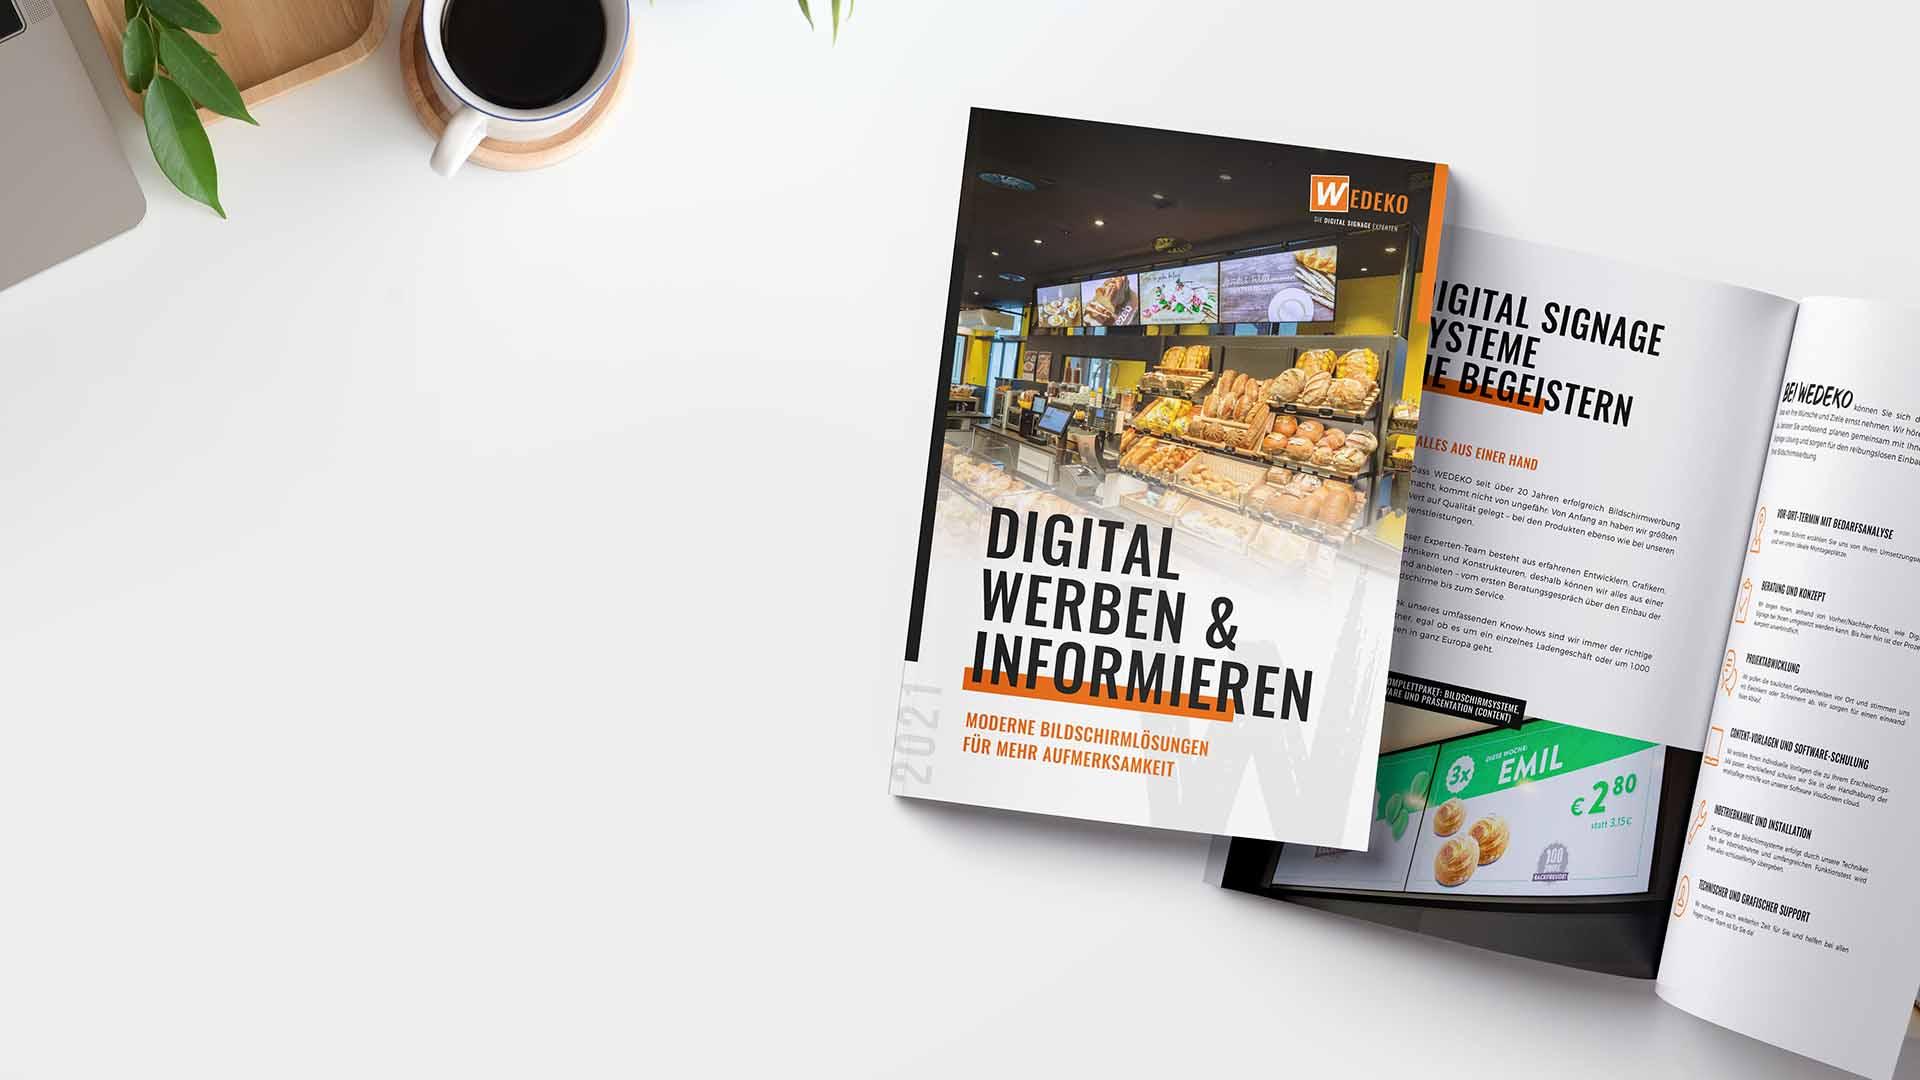 Digital Signage Broschüre von Wedeko 2021